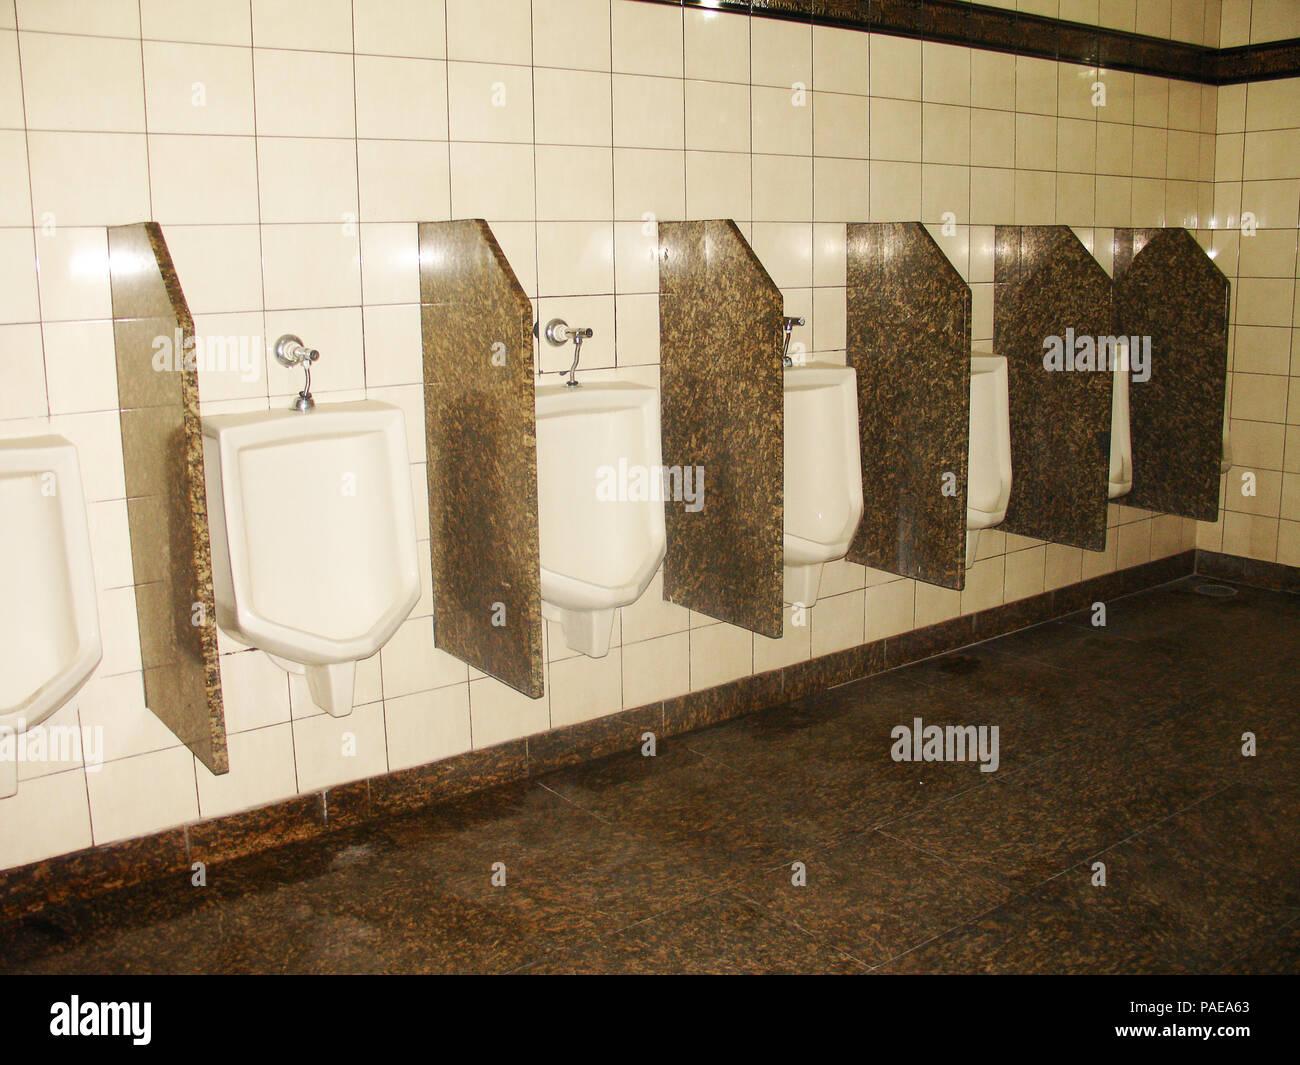 Männliche Badezimmer, Sanitär, São Paulo, Brasilien Stockfoto, Bild ...